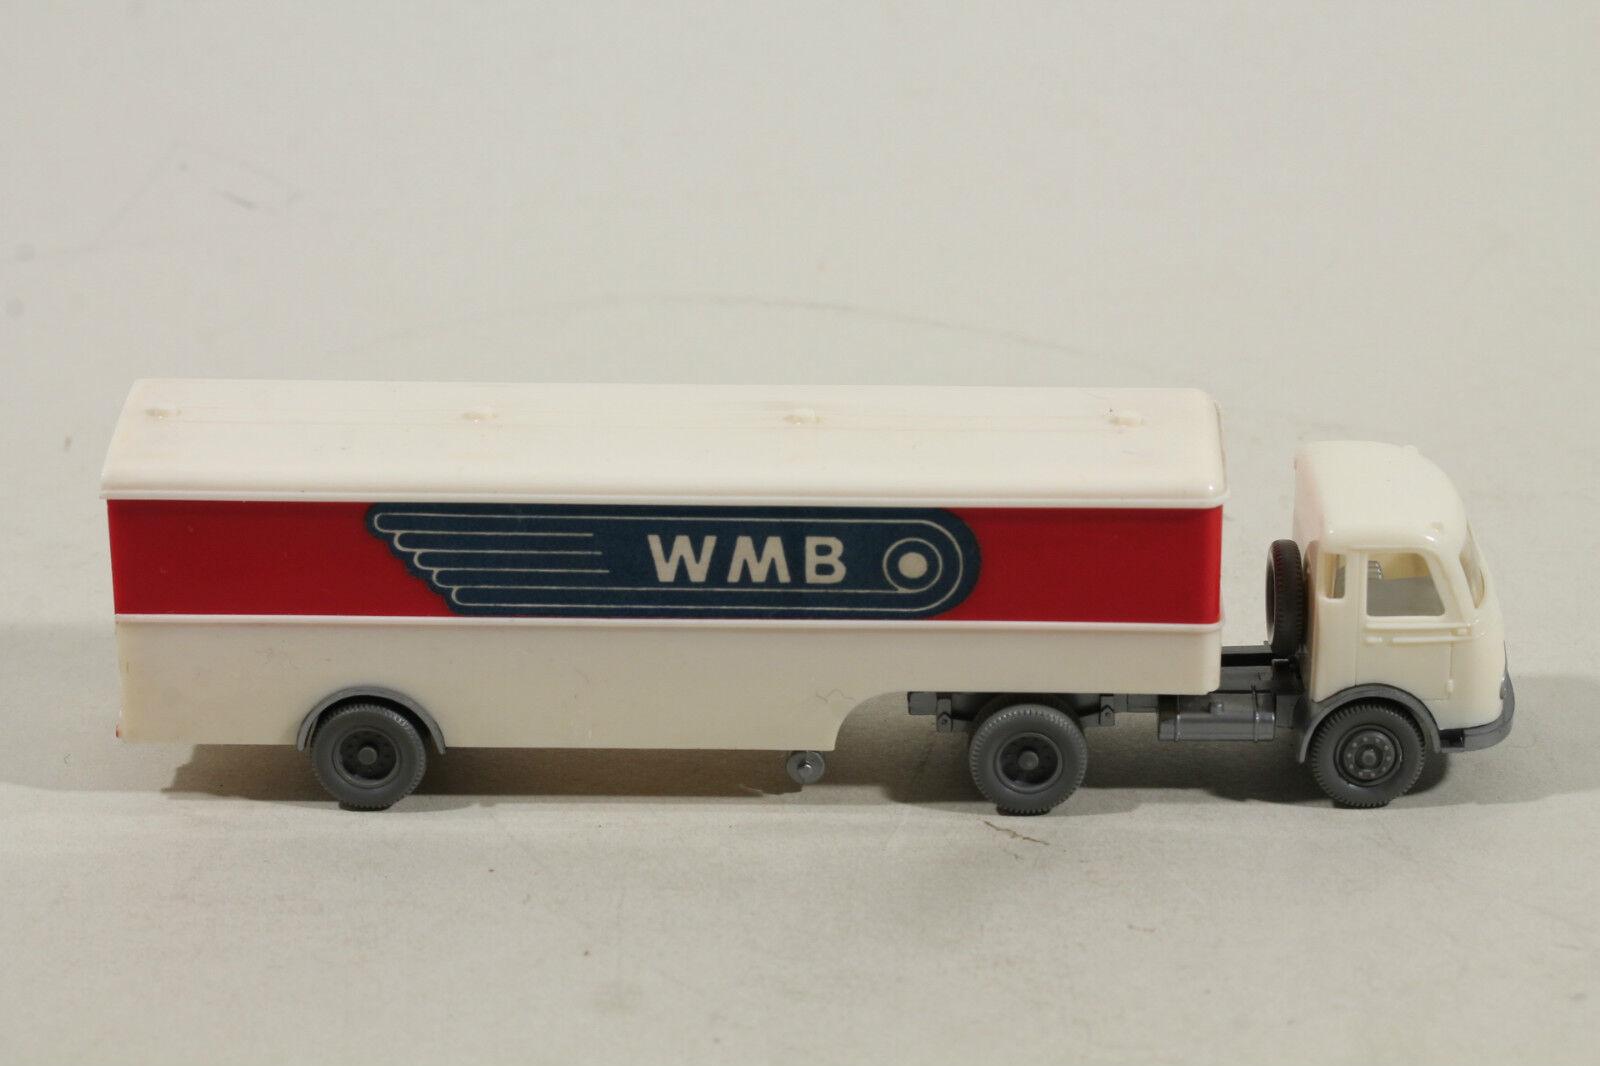 513 Typ 2B Wiking Pullman LKW   WMB   1963 - 1965   cremeweiß & rot